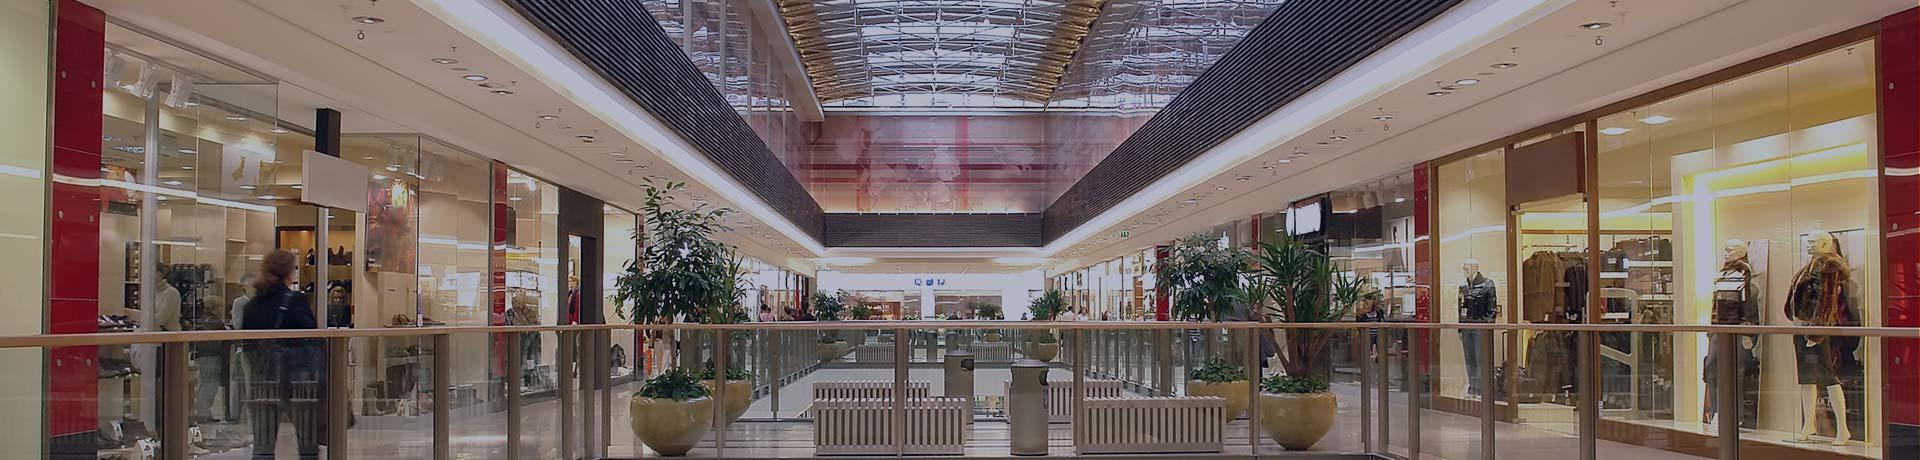 Interior of a shopping centre